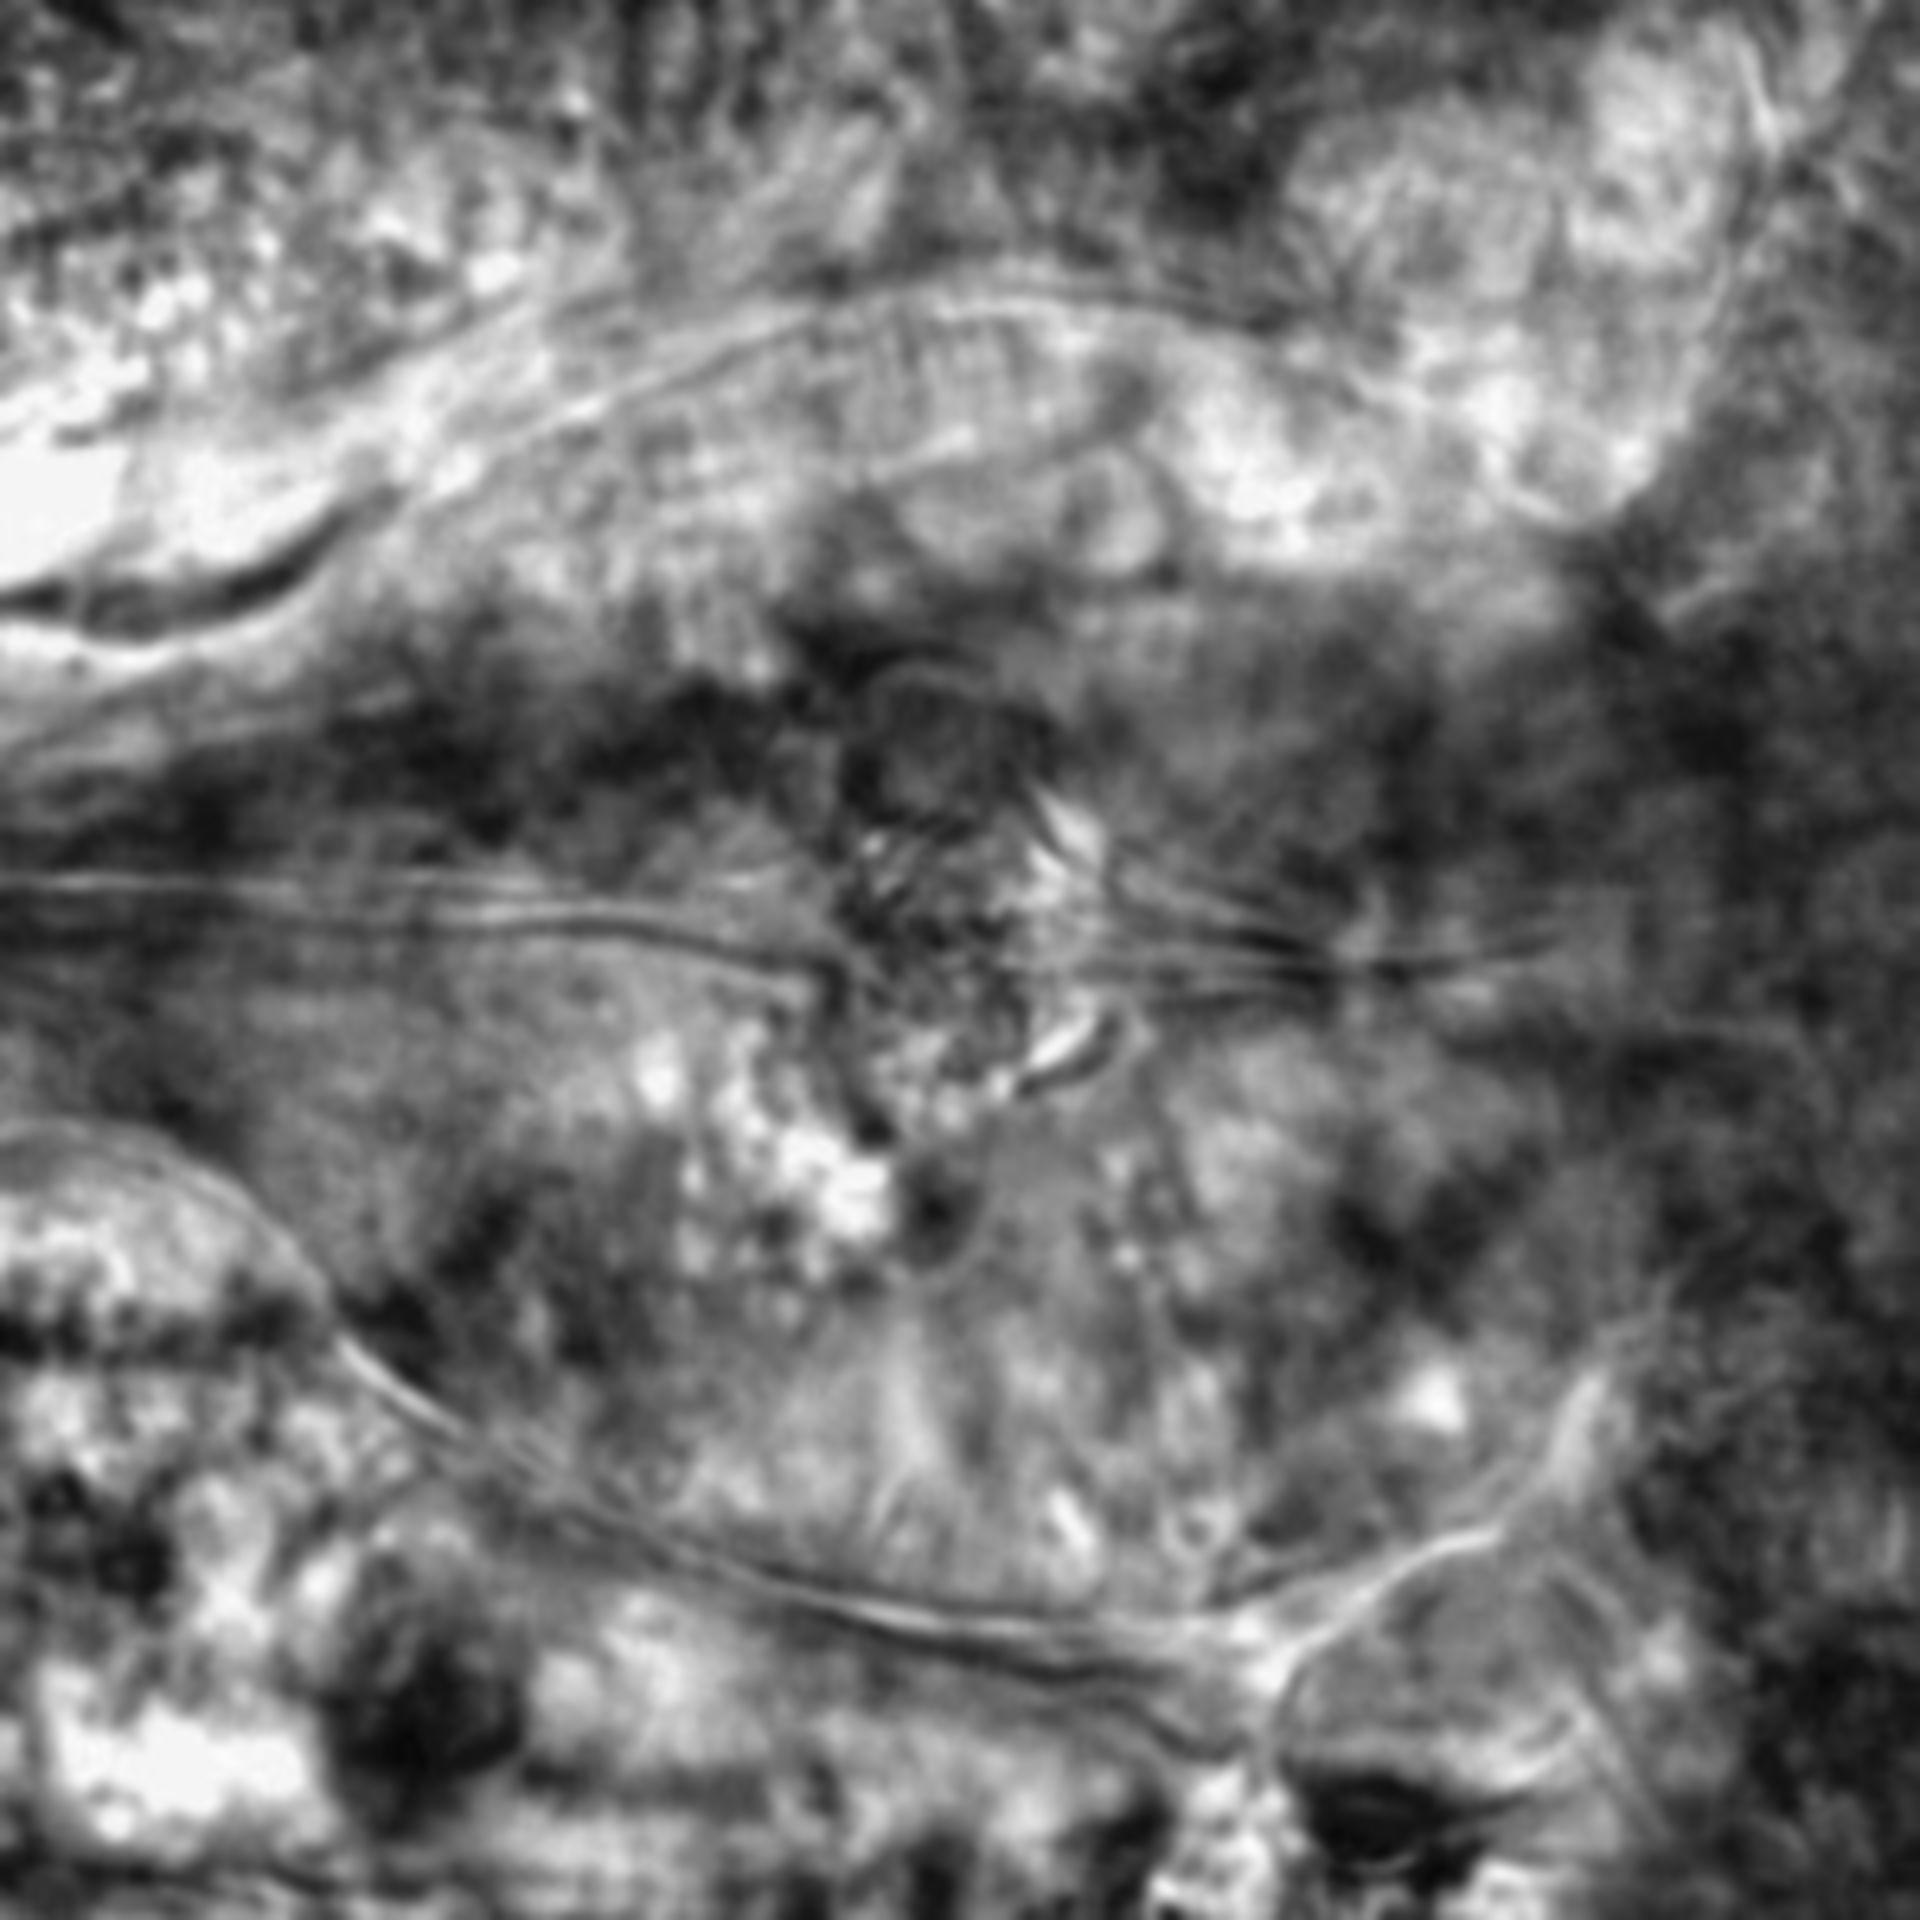 Caenorhabditis elegans - CIL:2134